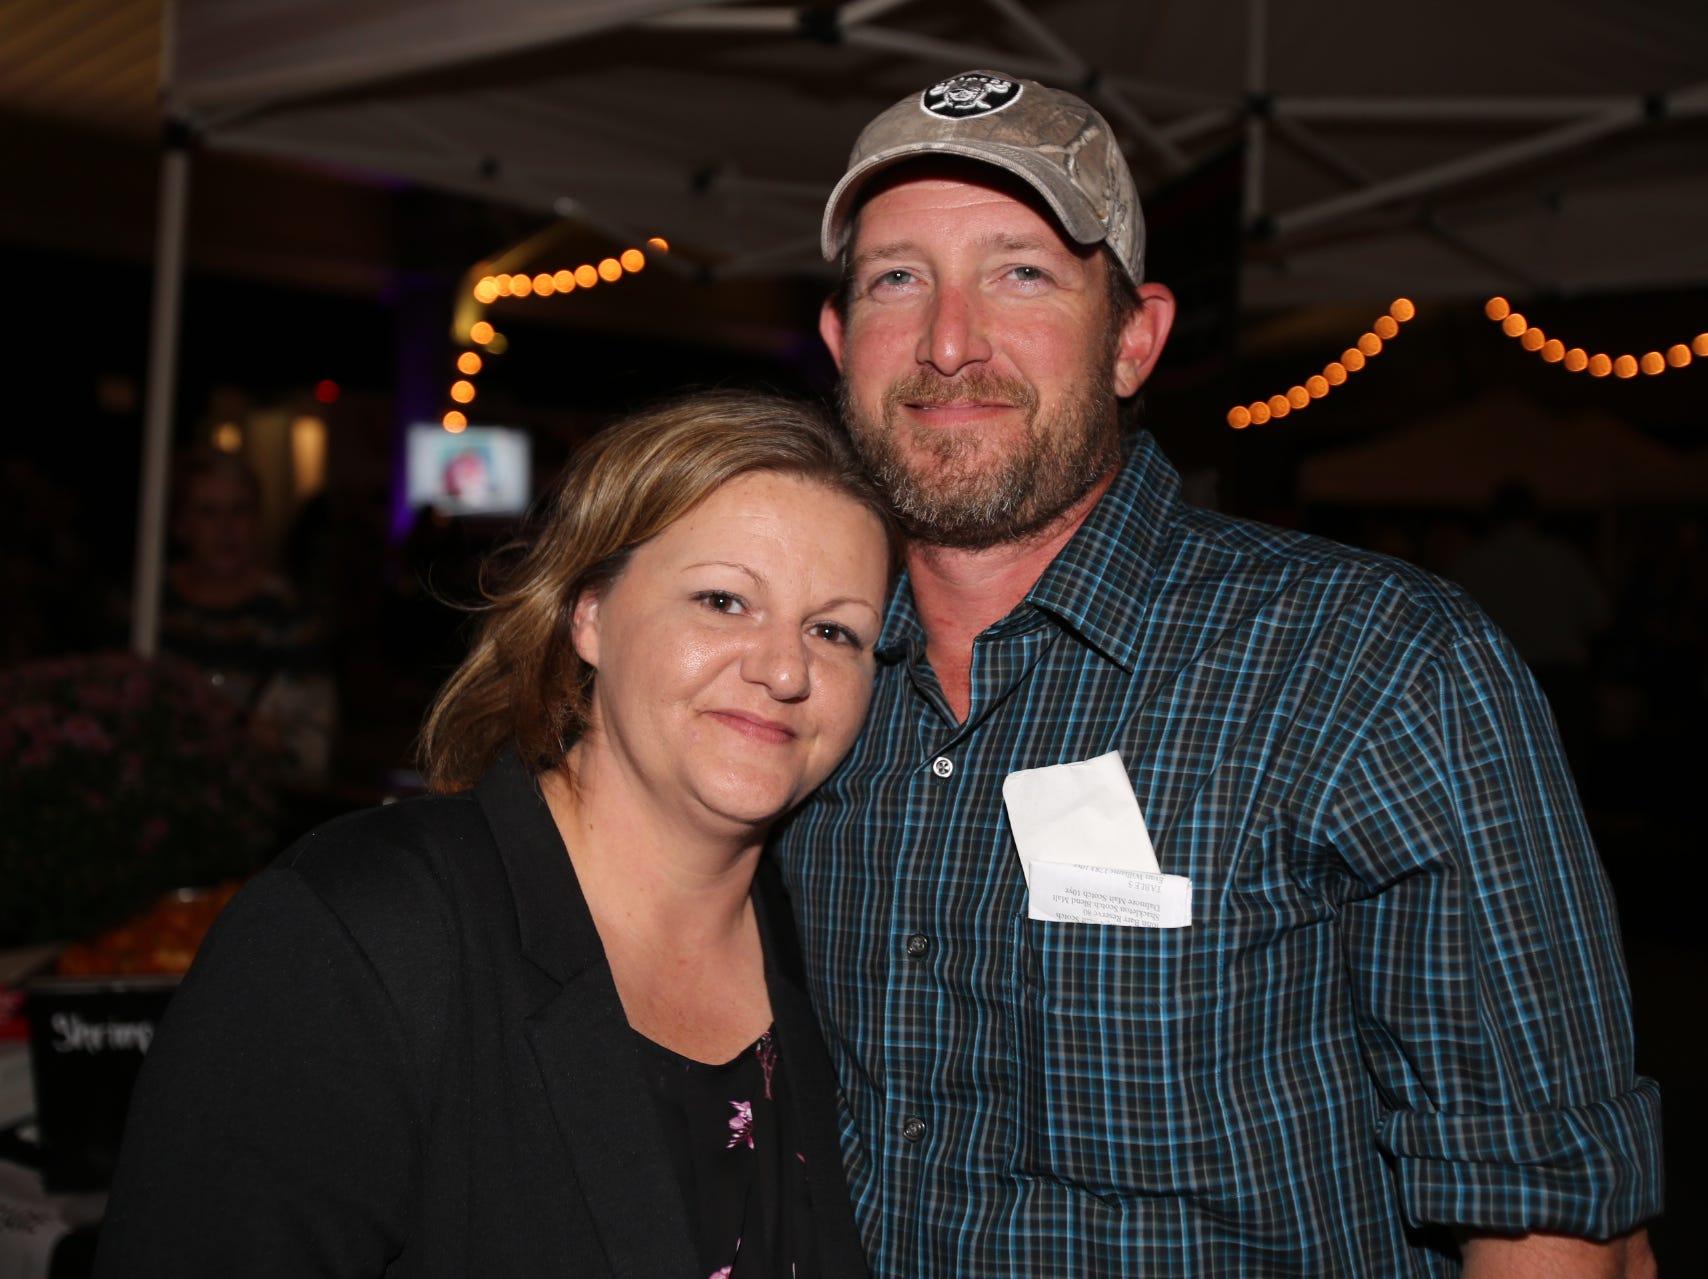 Amy and Steve Harris